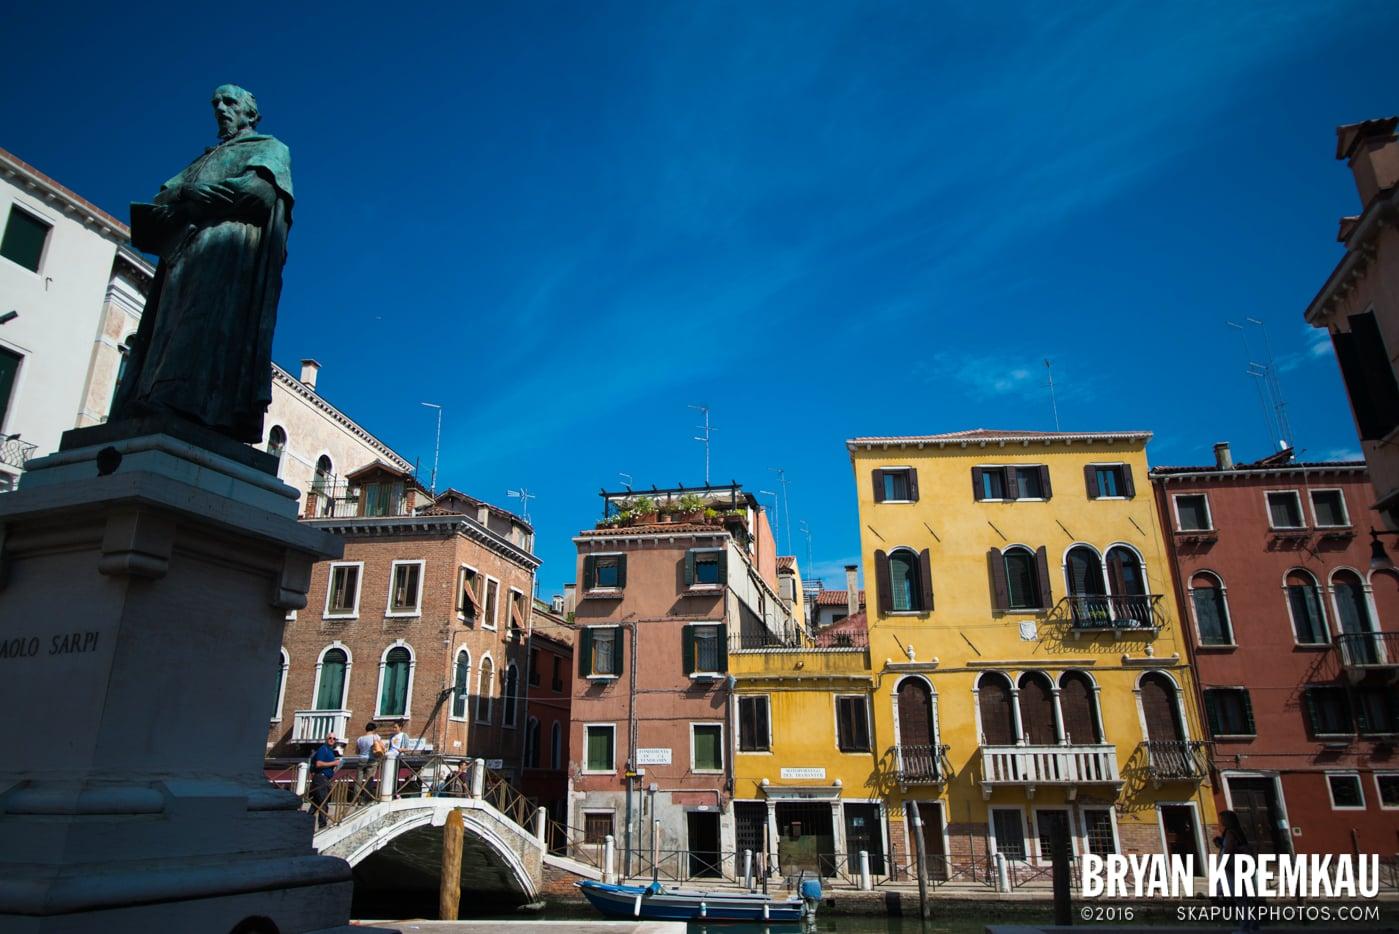 Italy Vacation - Day 5: Venice - 9.13.13 (59)